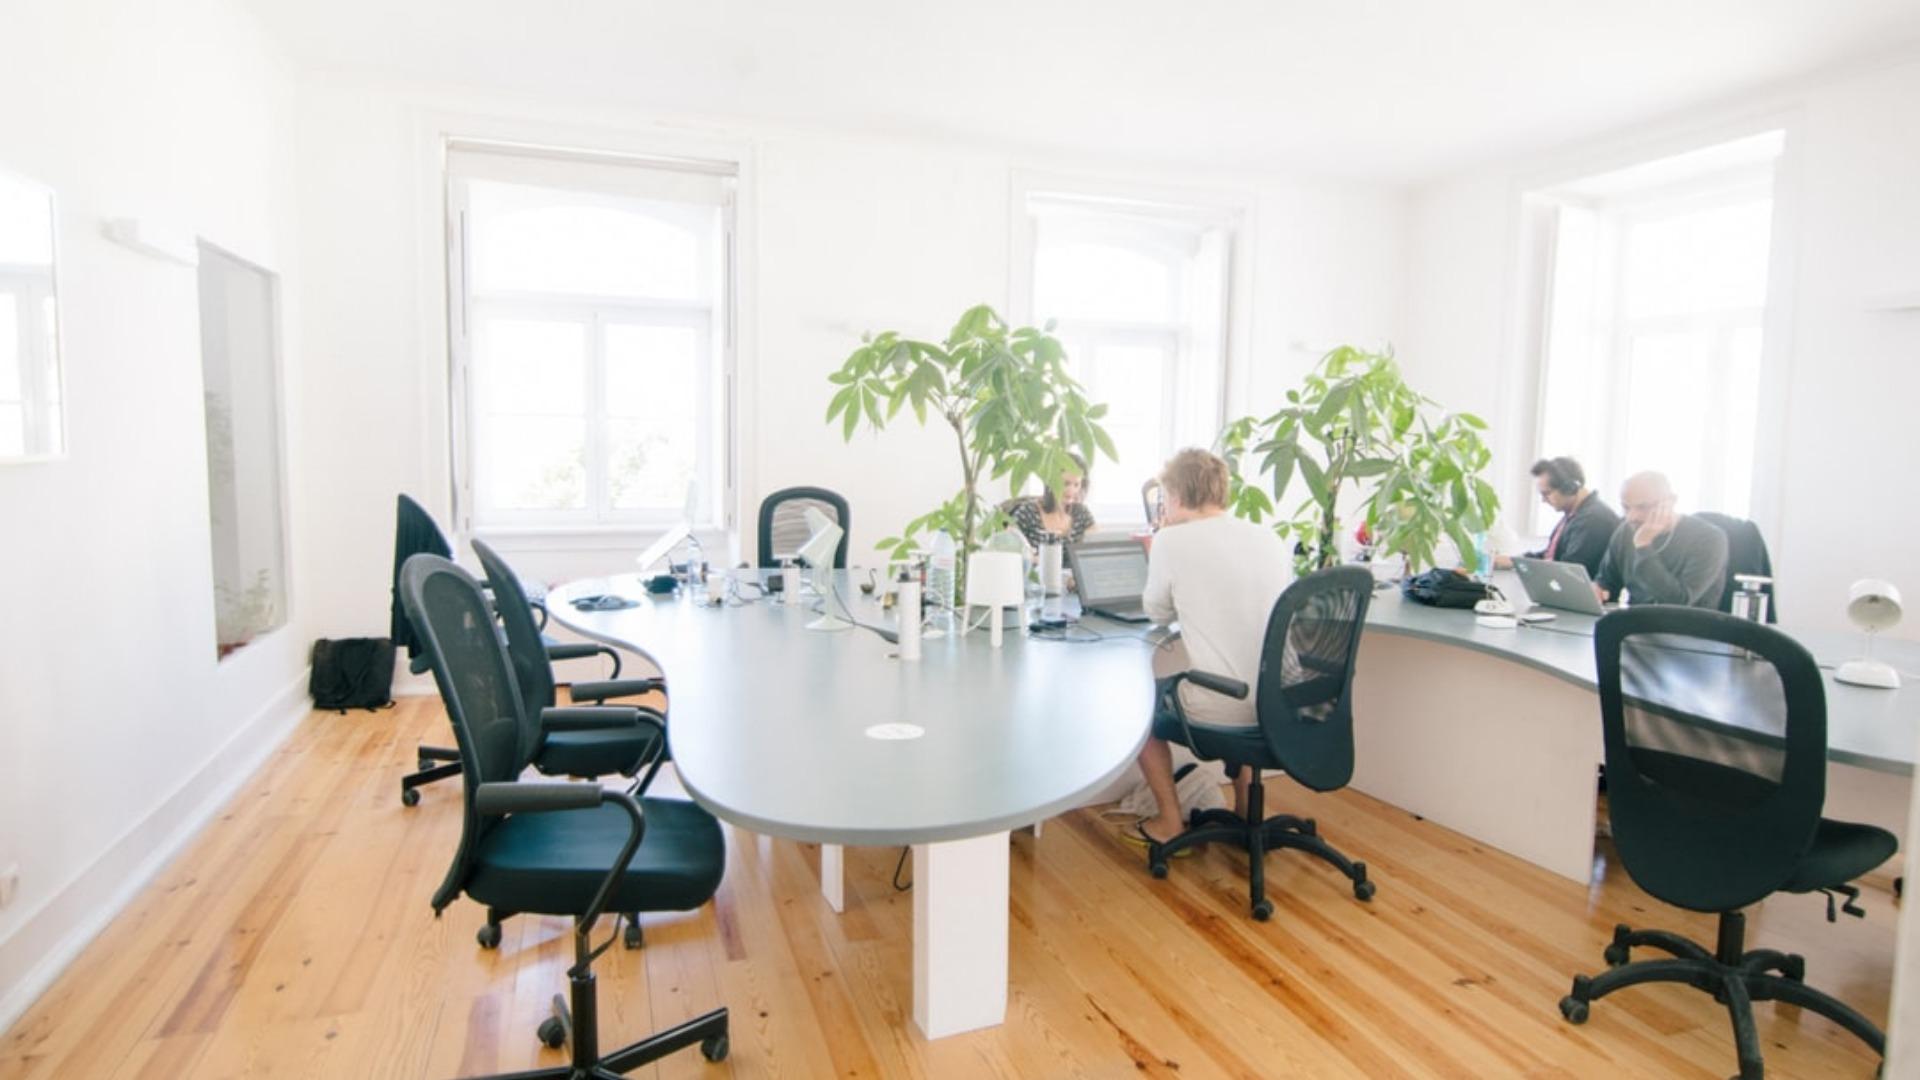 birojs noma telpas īre darbs uzņēmums